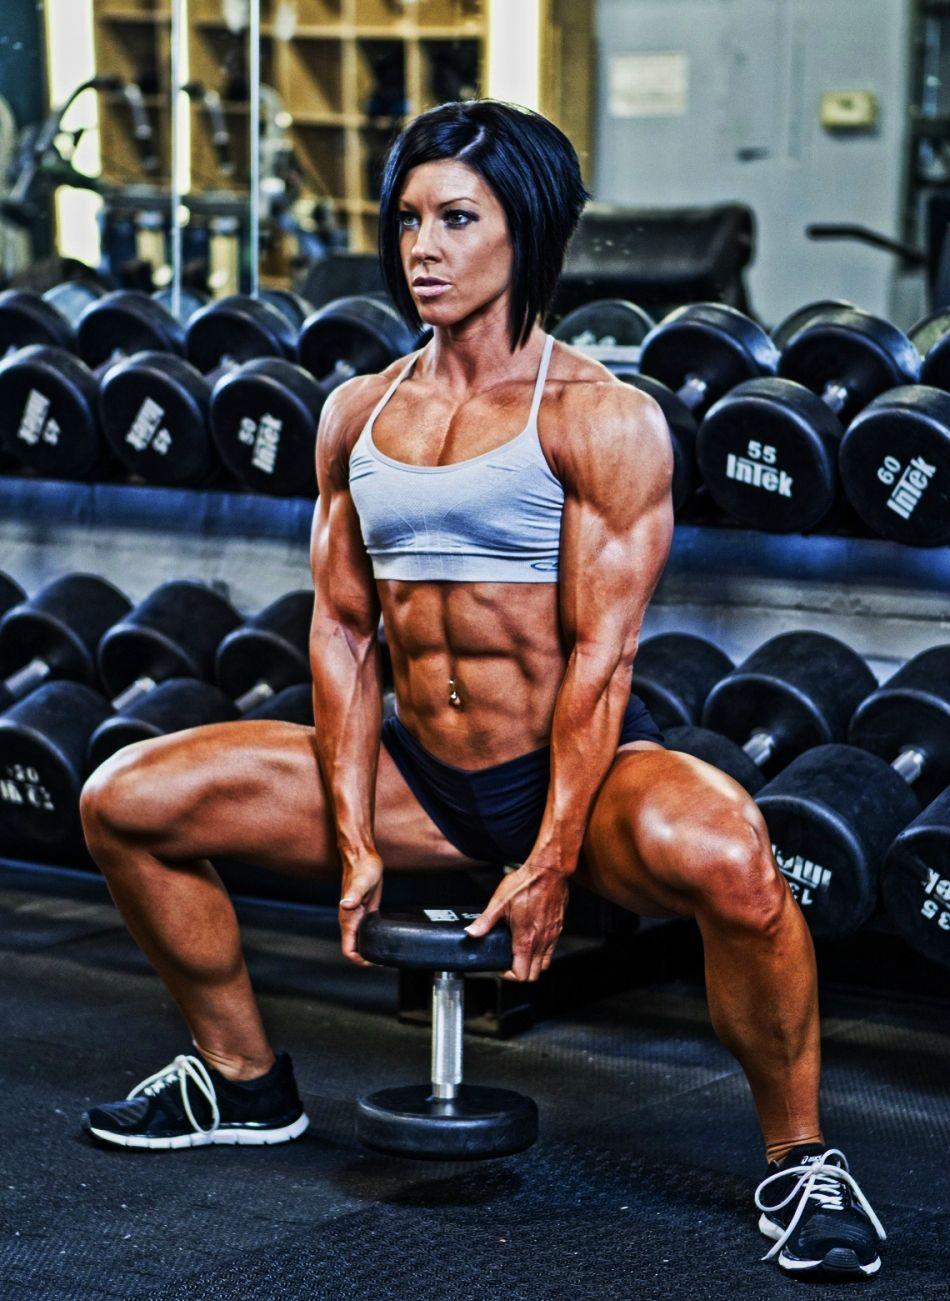 Dana Linn